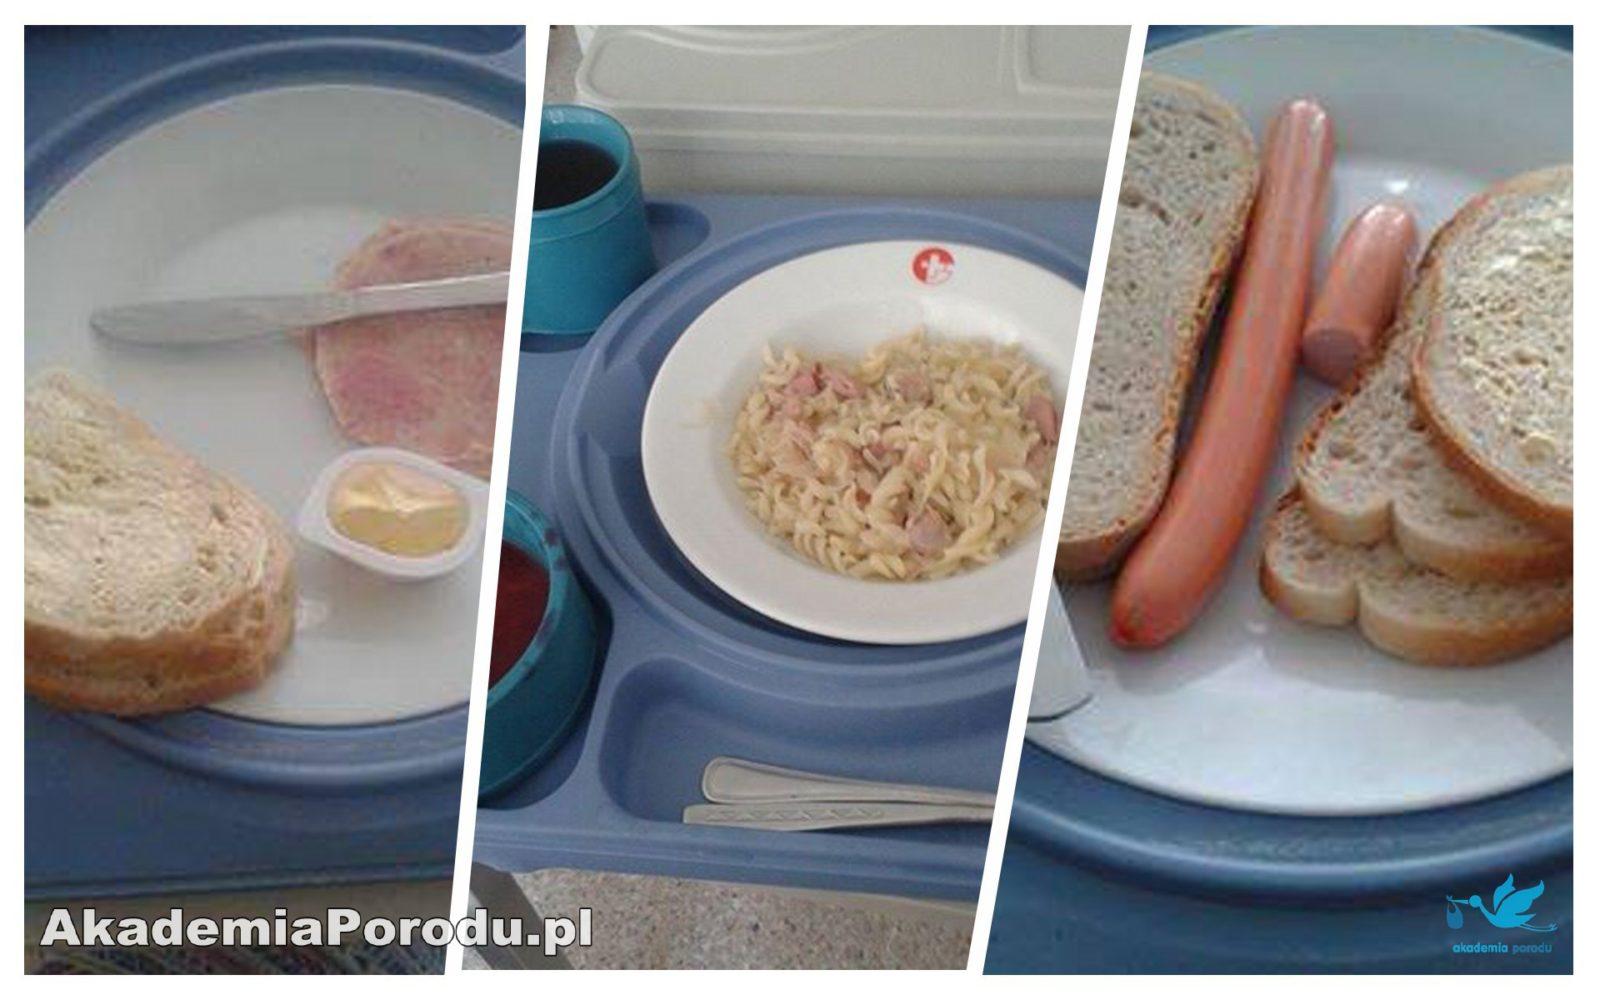 jedzenie na porodówkach - szpital w Rybniku